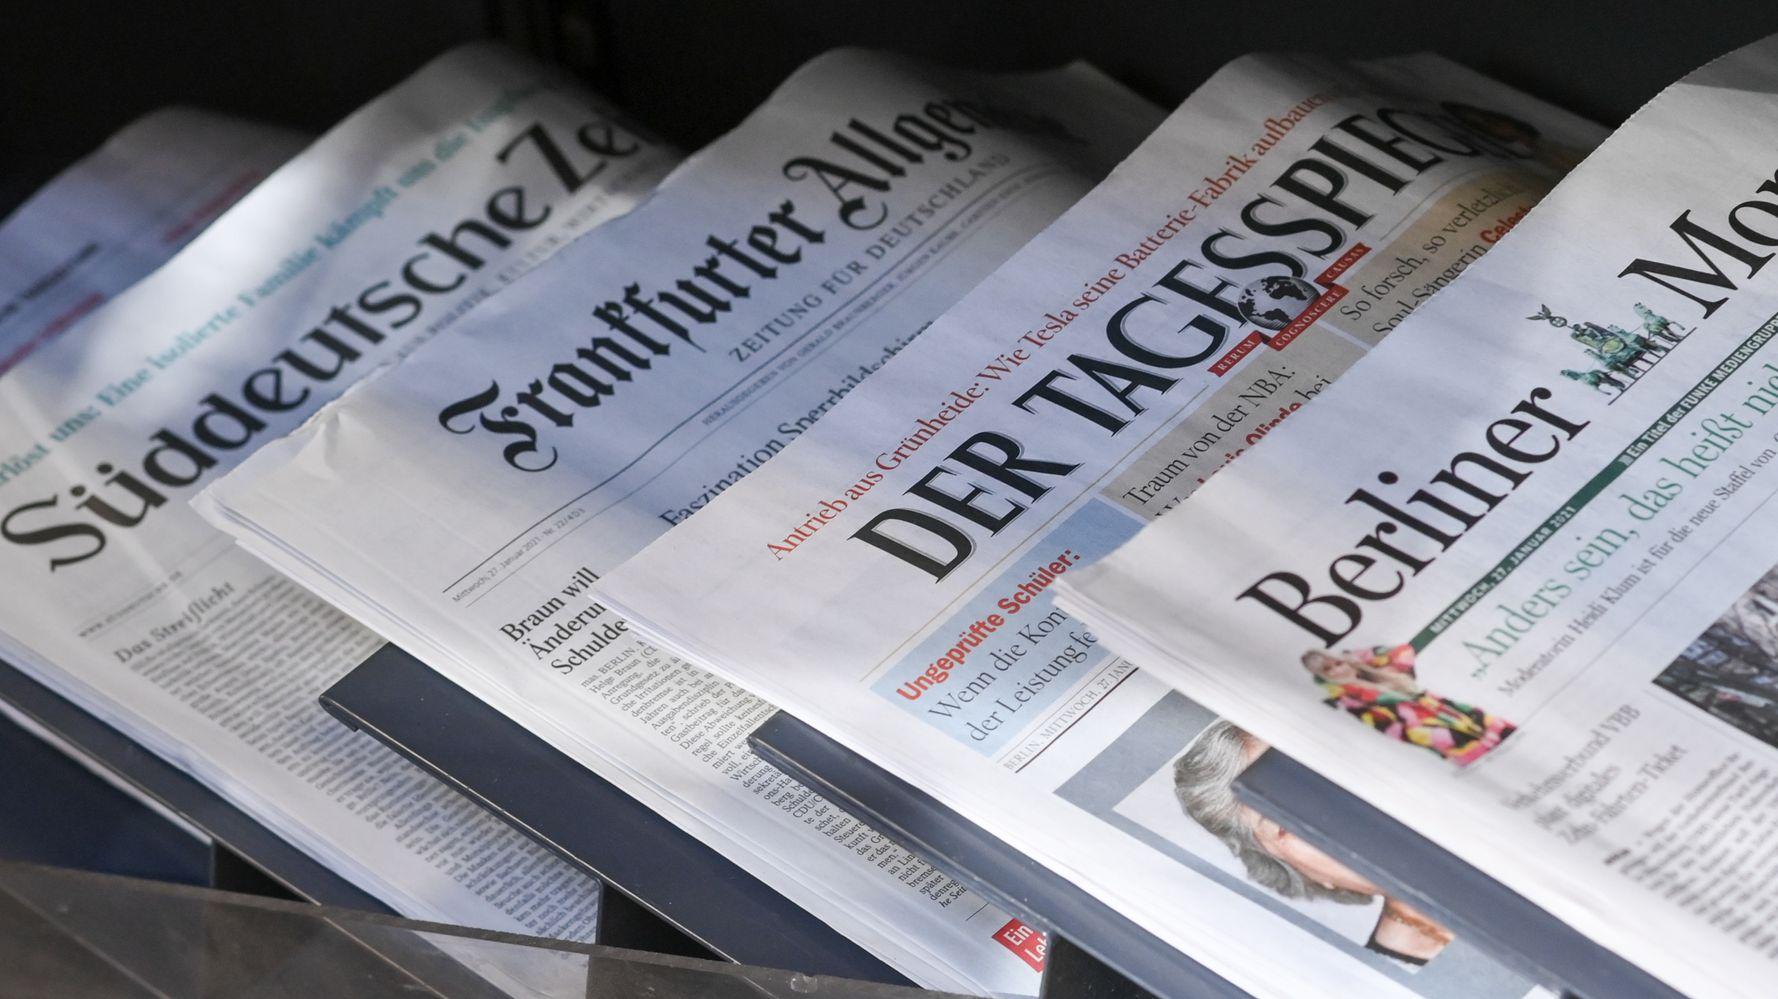 Πώς ένα μέρος του γερμανικού Τύπου υπονομεύει συστηματικά την Ελλάδα